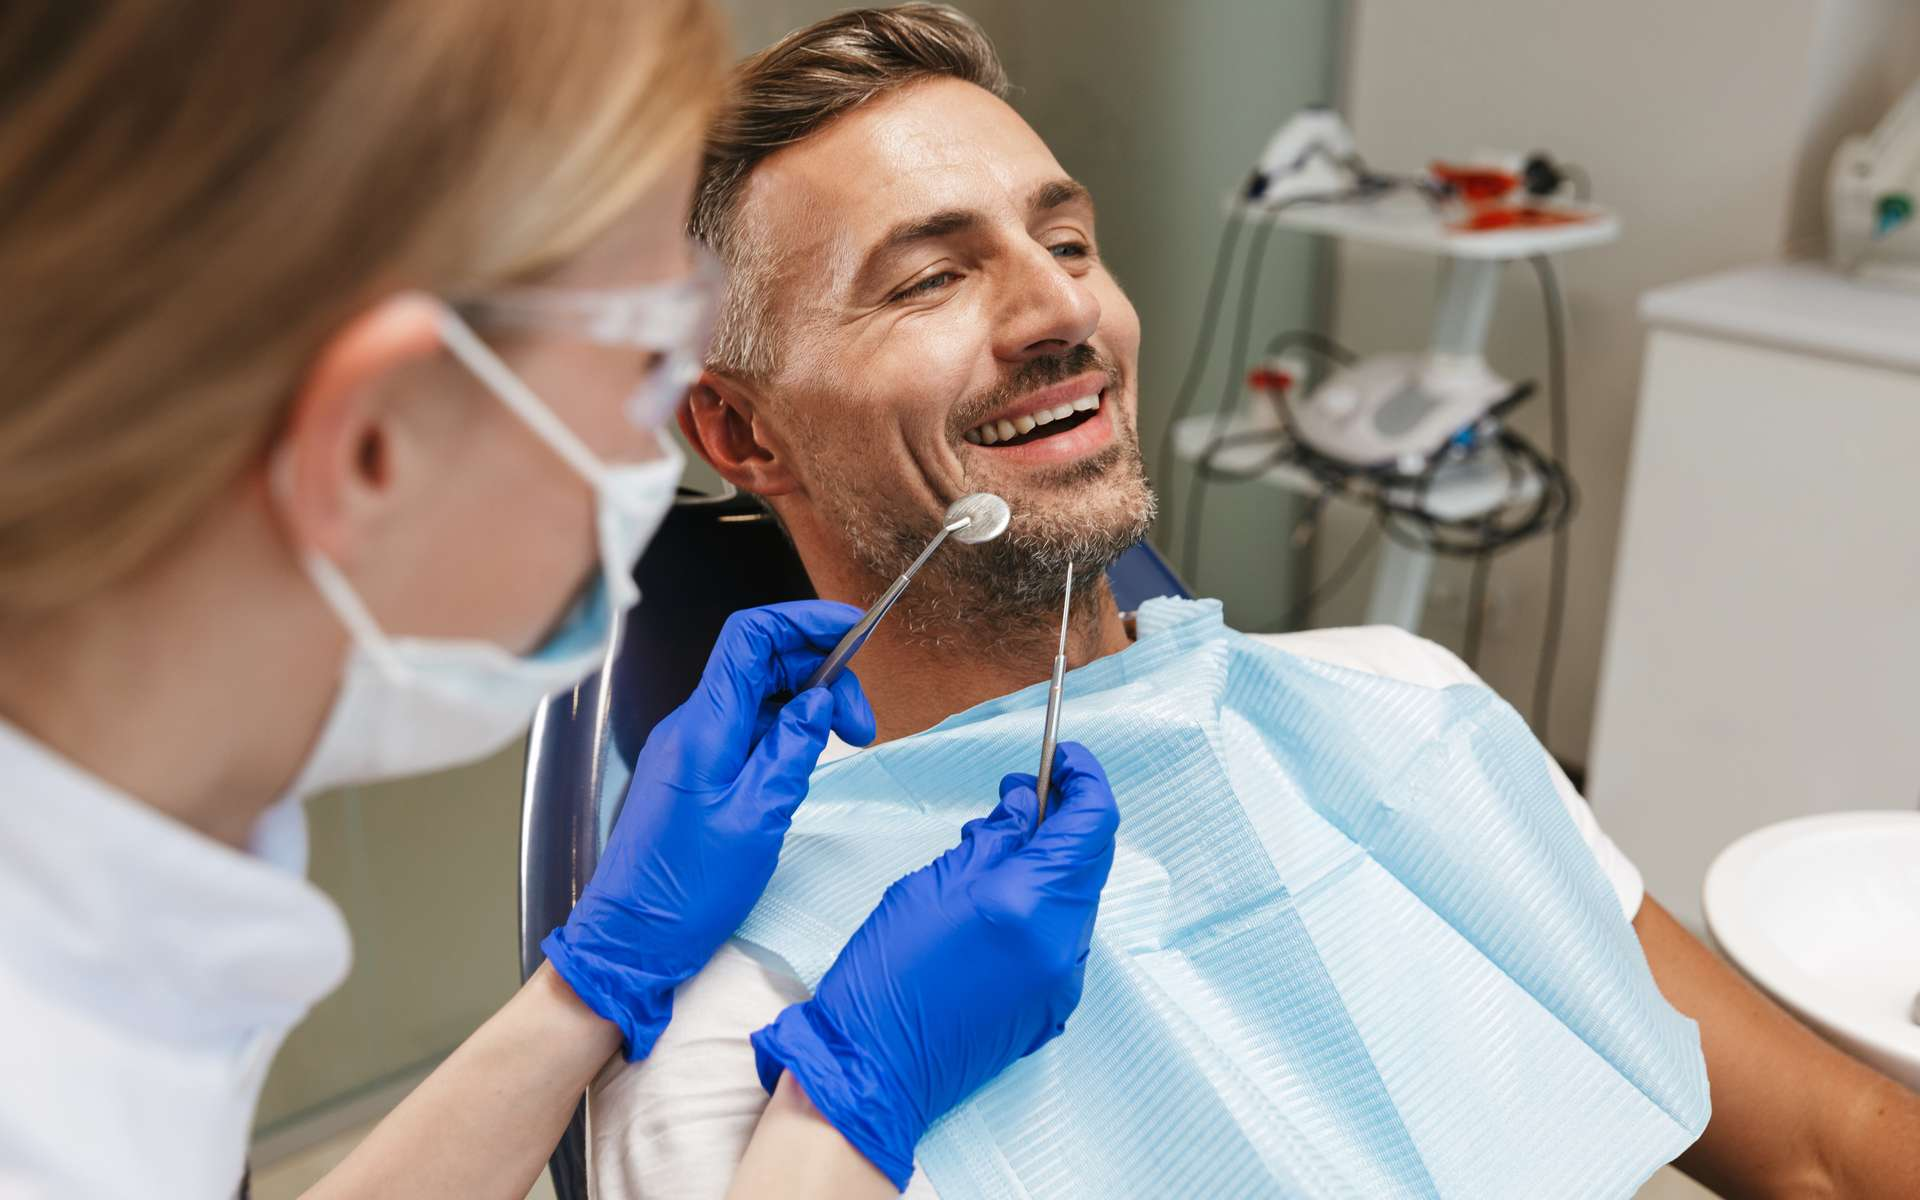 En cette période de Covid-19, des mesures sanitaires sont prises et appliquées pour protéger patients et dentistes avant et pendant les soins. © Drobot Dean, Adobe Stock